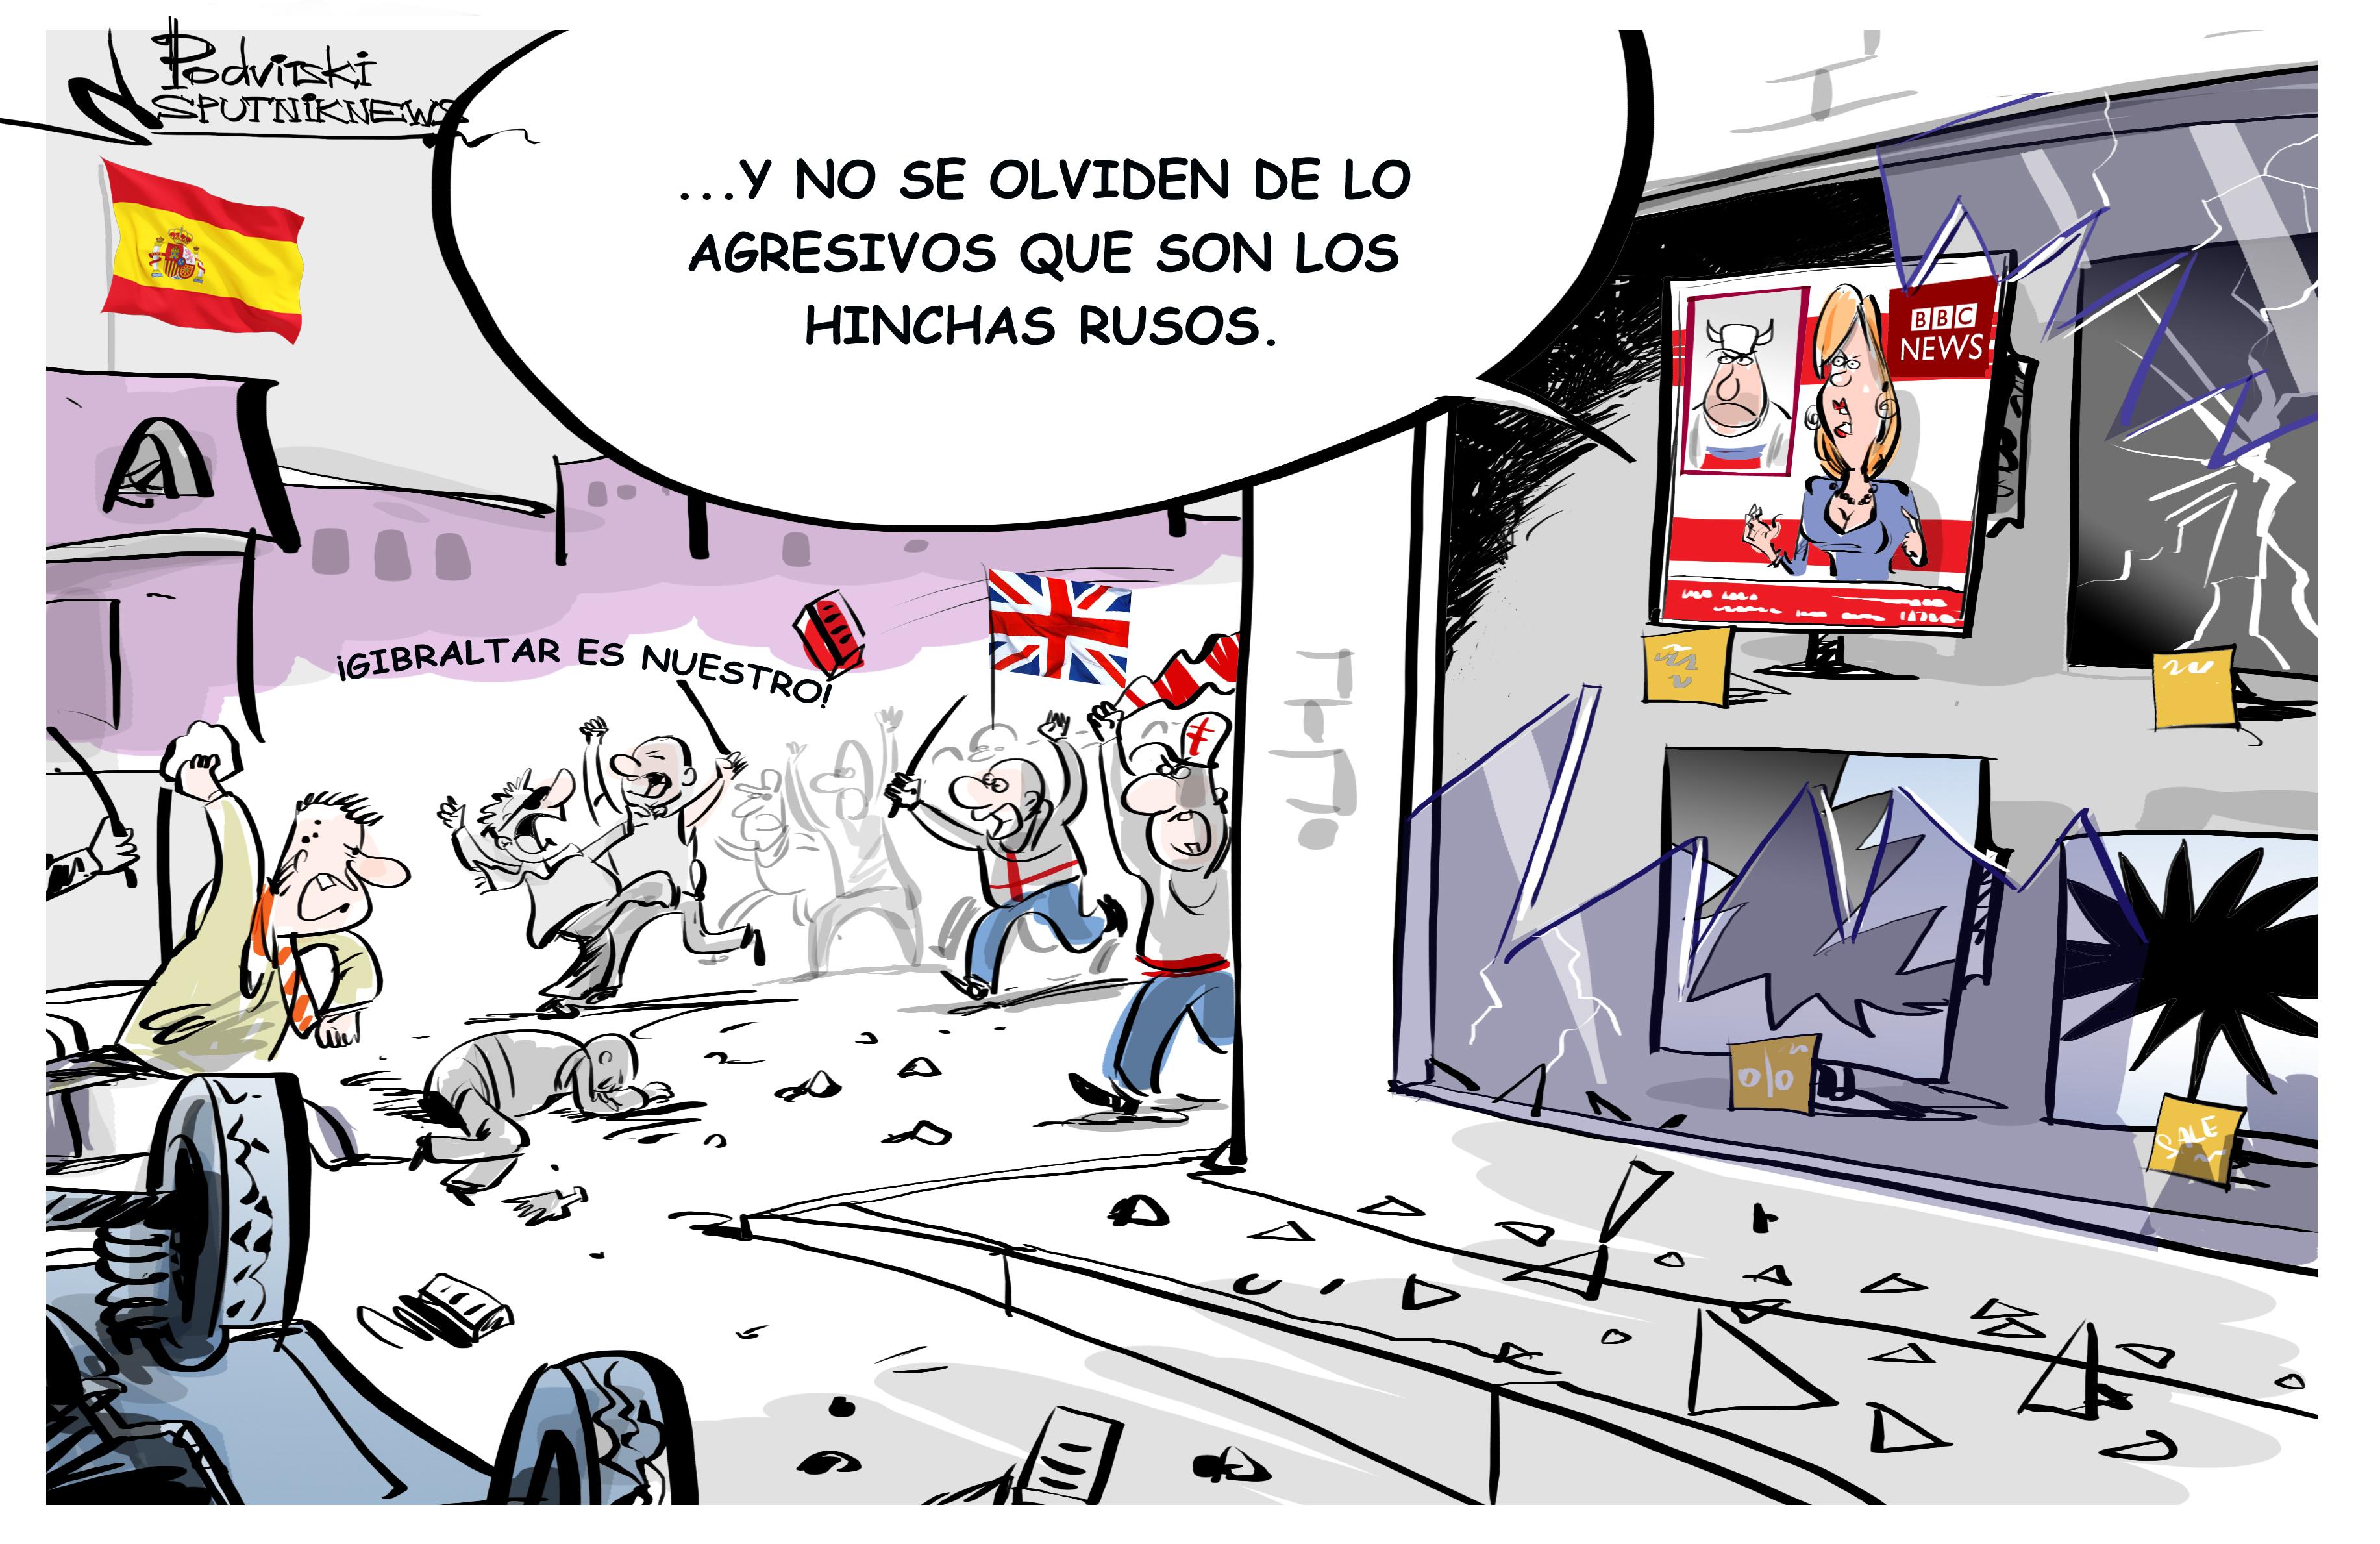 Gibraltar es nuestro: violentos hinchas… ¿británicos?